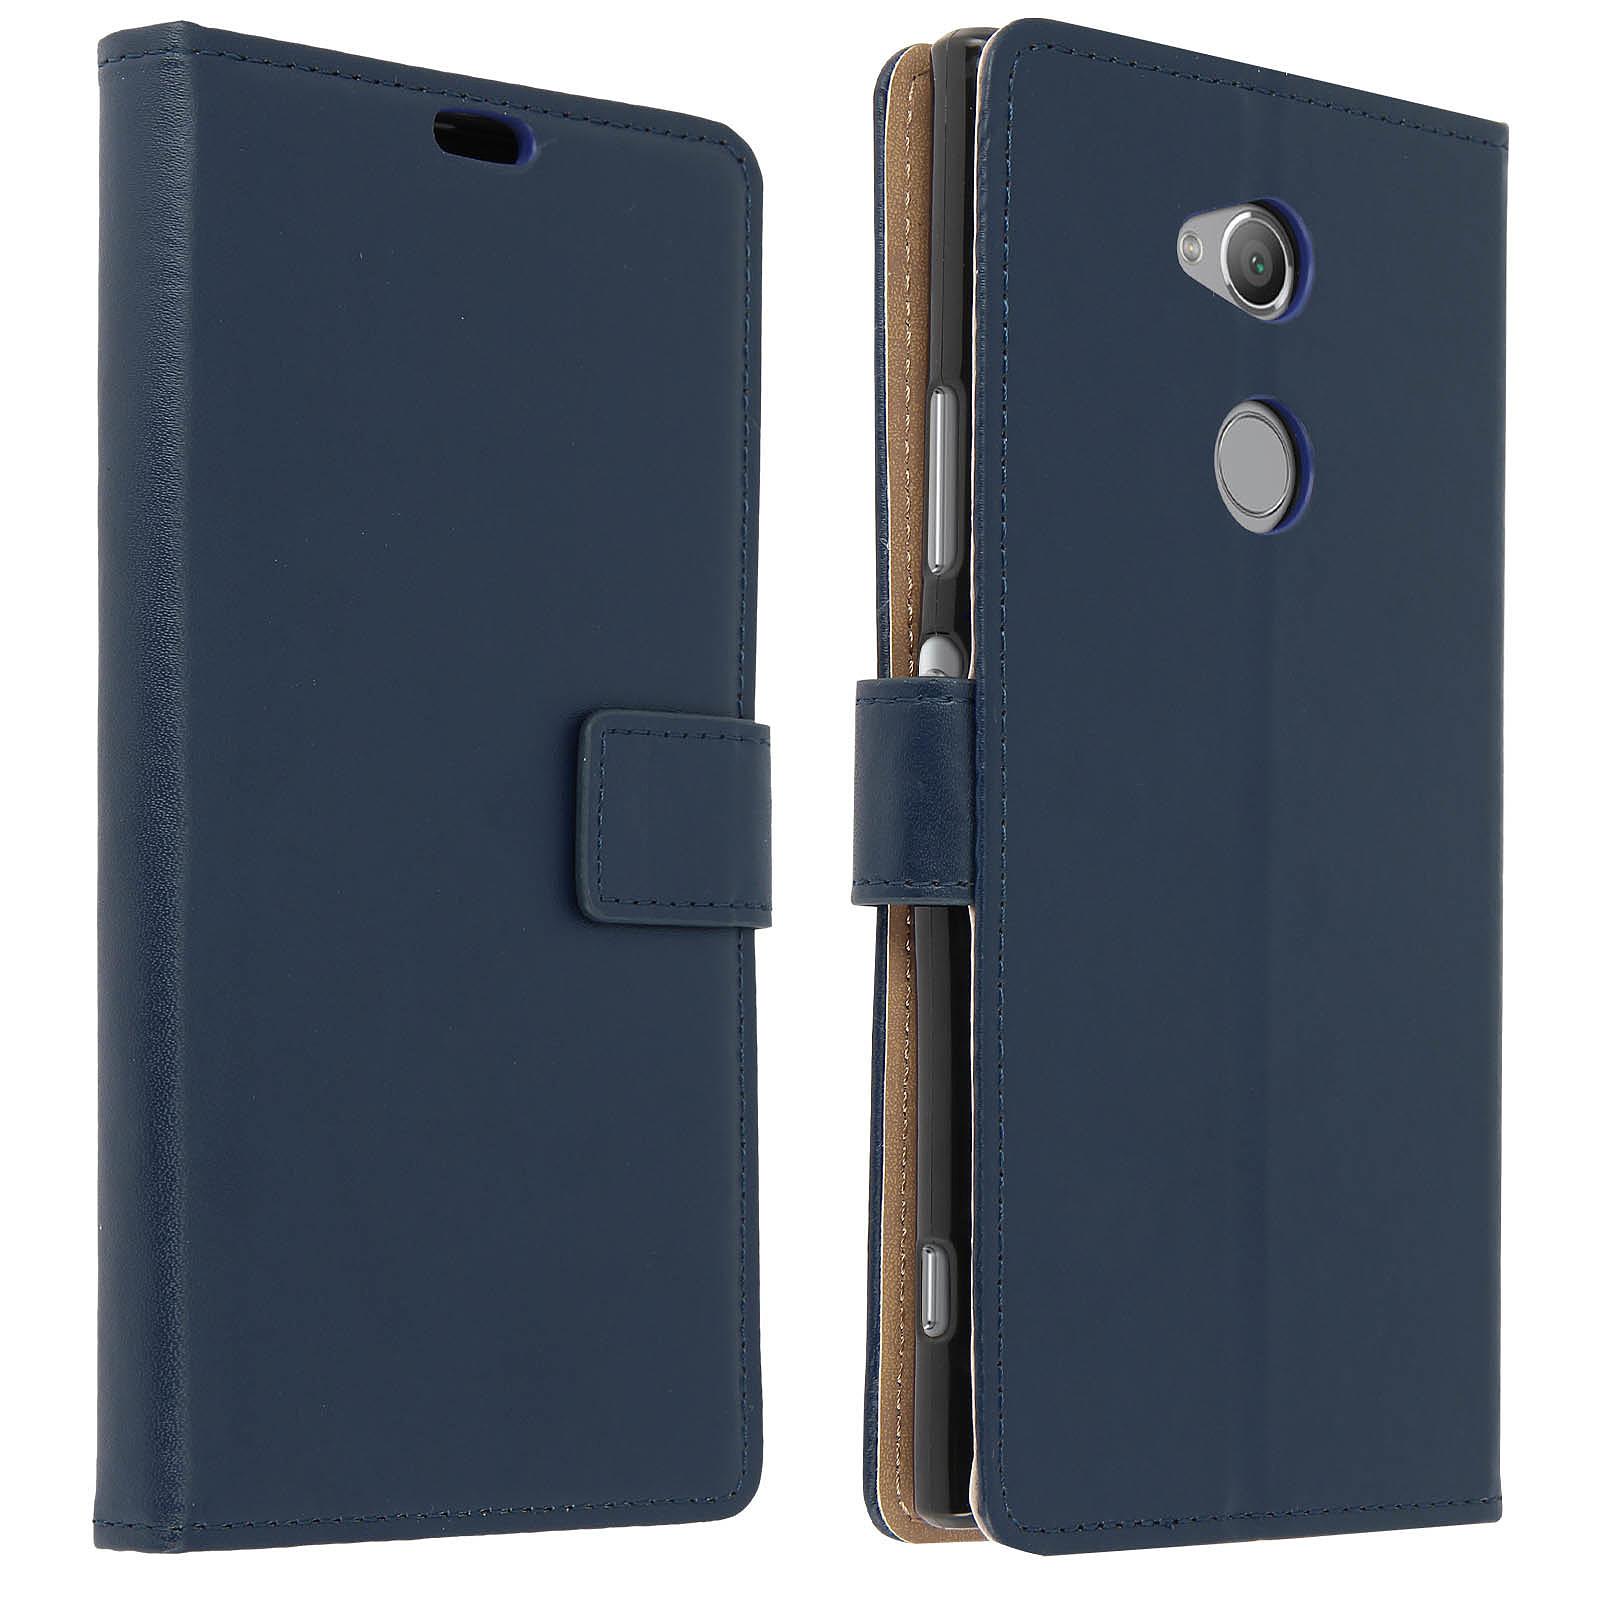 Avizar Etui folio Bleu Nuit pour Sony Xperia XA2 Ultra